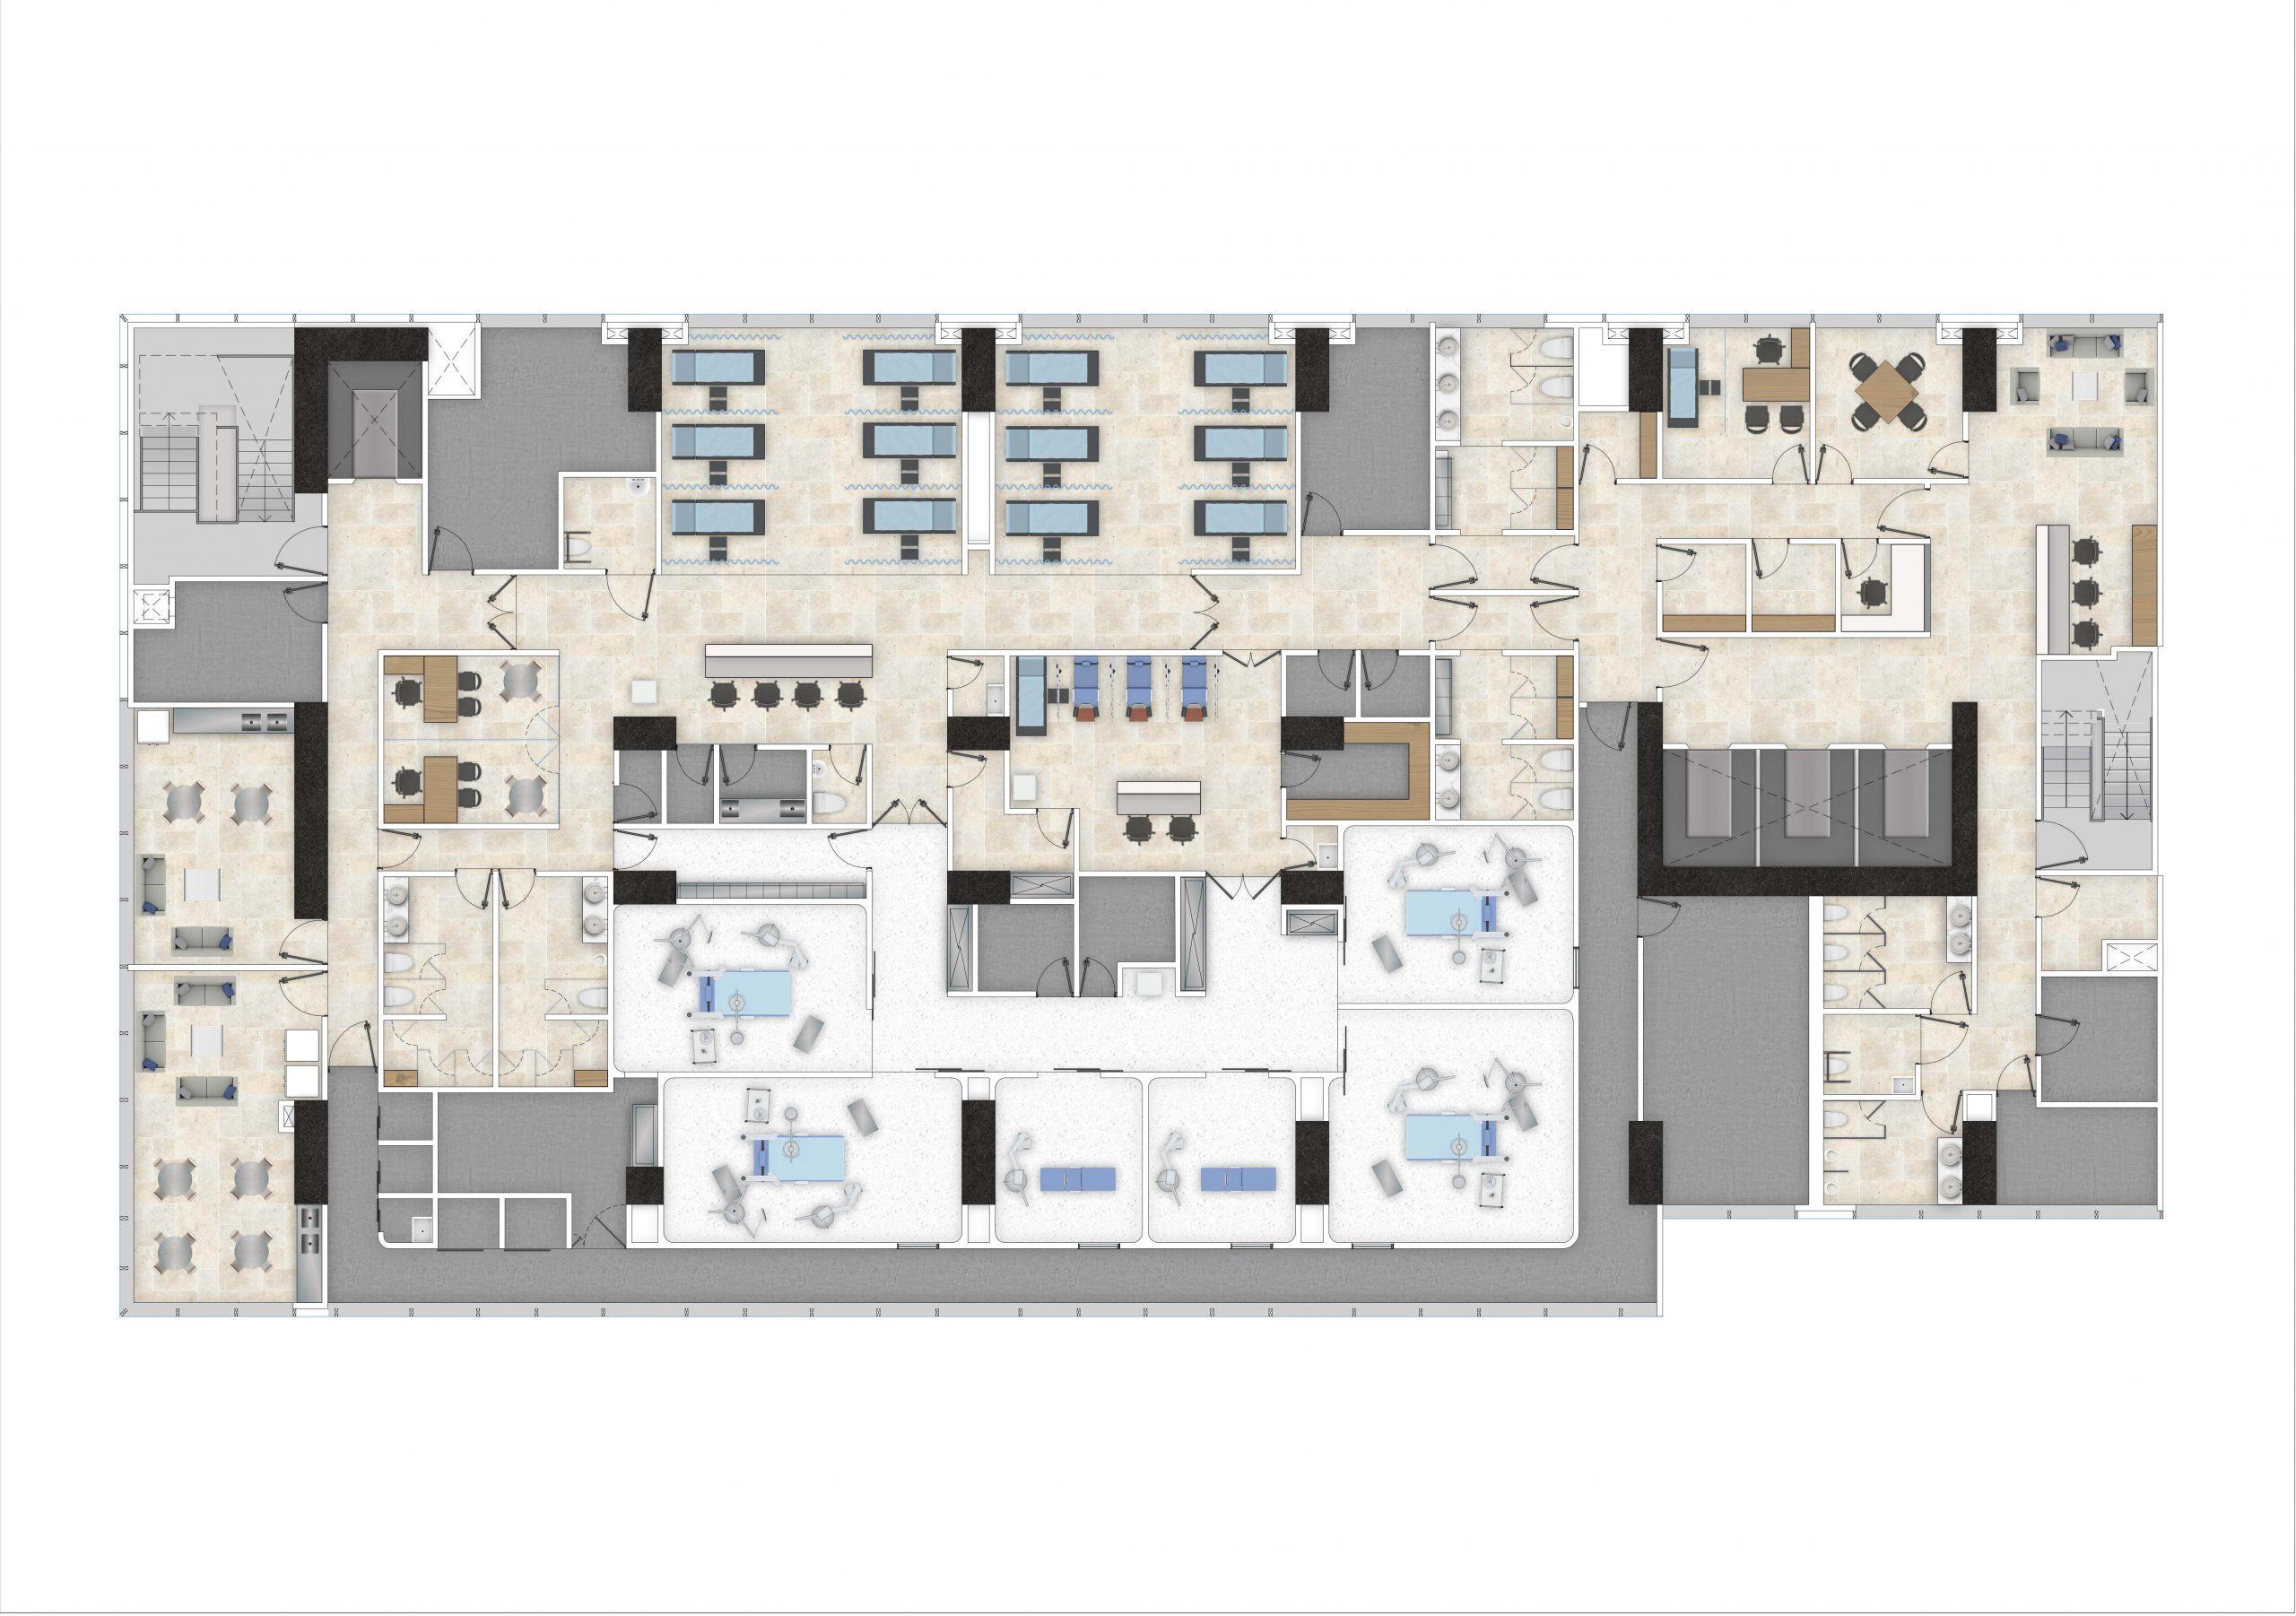 PLANTA ARQUITECTÓNICA PISO 5 Salas de procedimientos y salas de recuperación-min